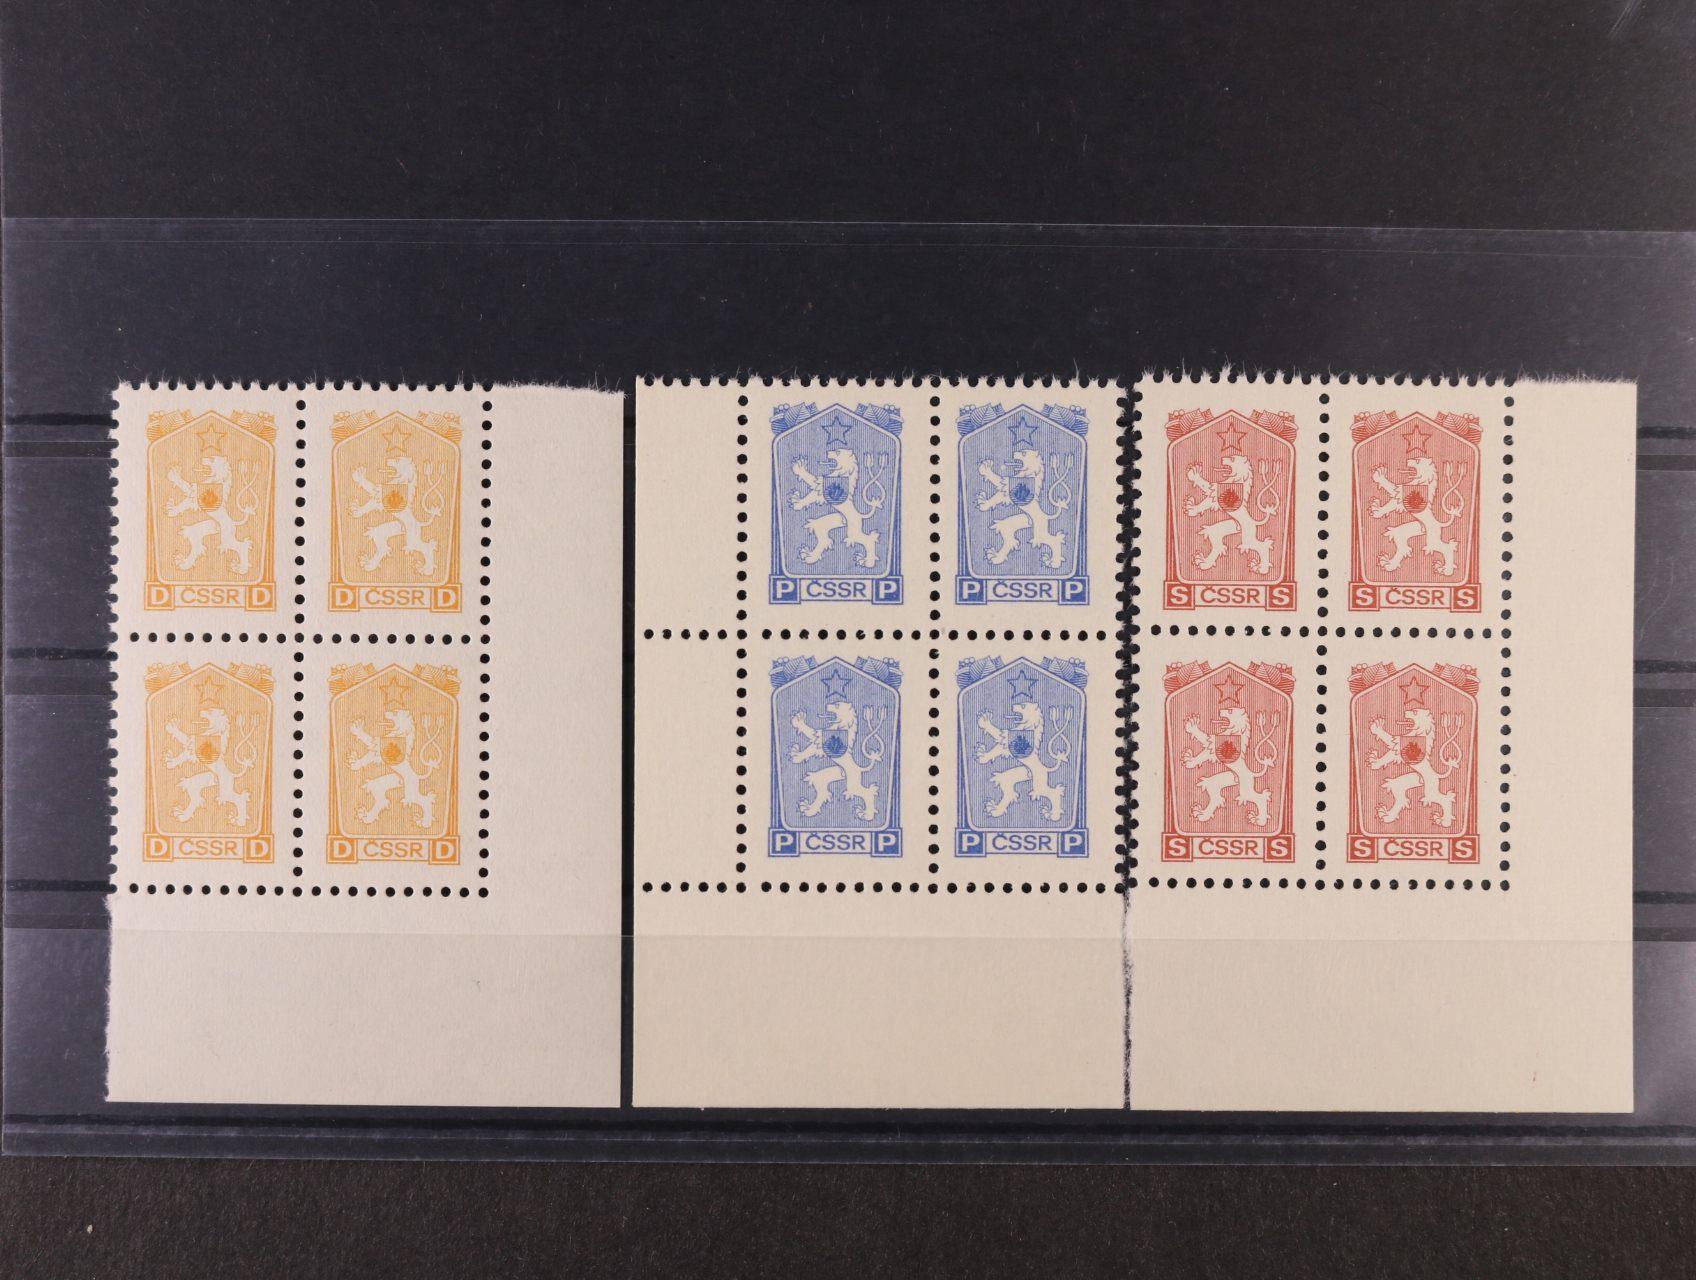 sada nevydaných kolků vzoru 1962 s ozn. D, P, S ve 4-blocích